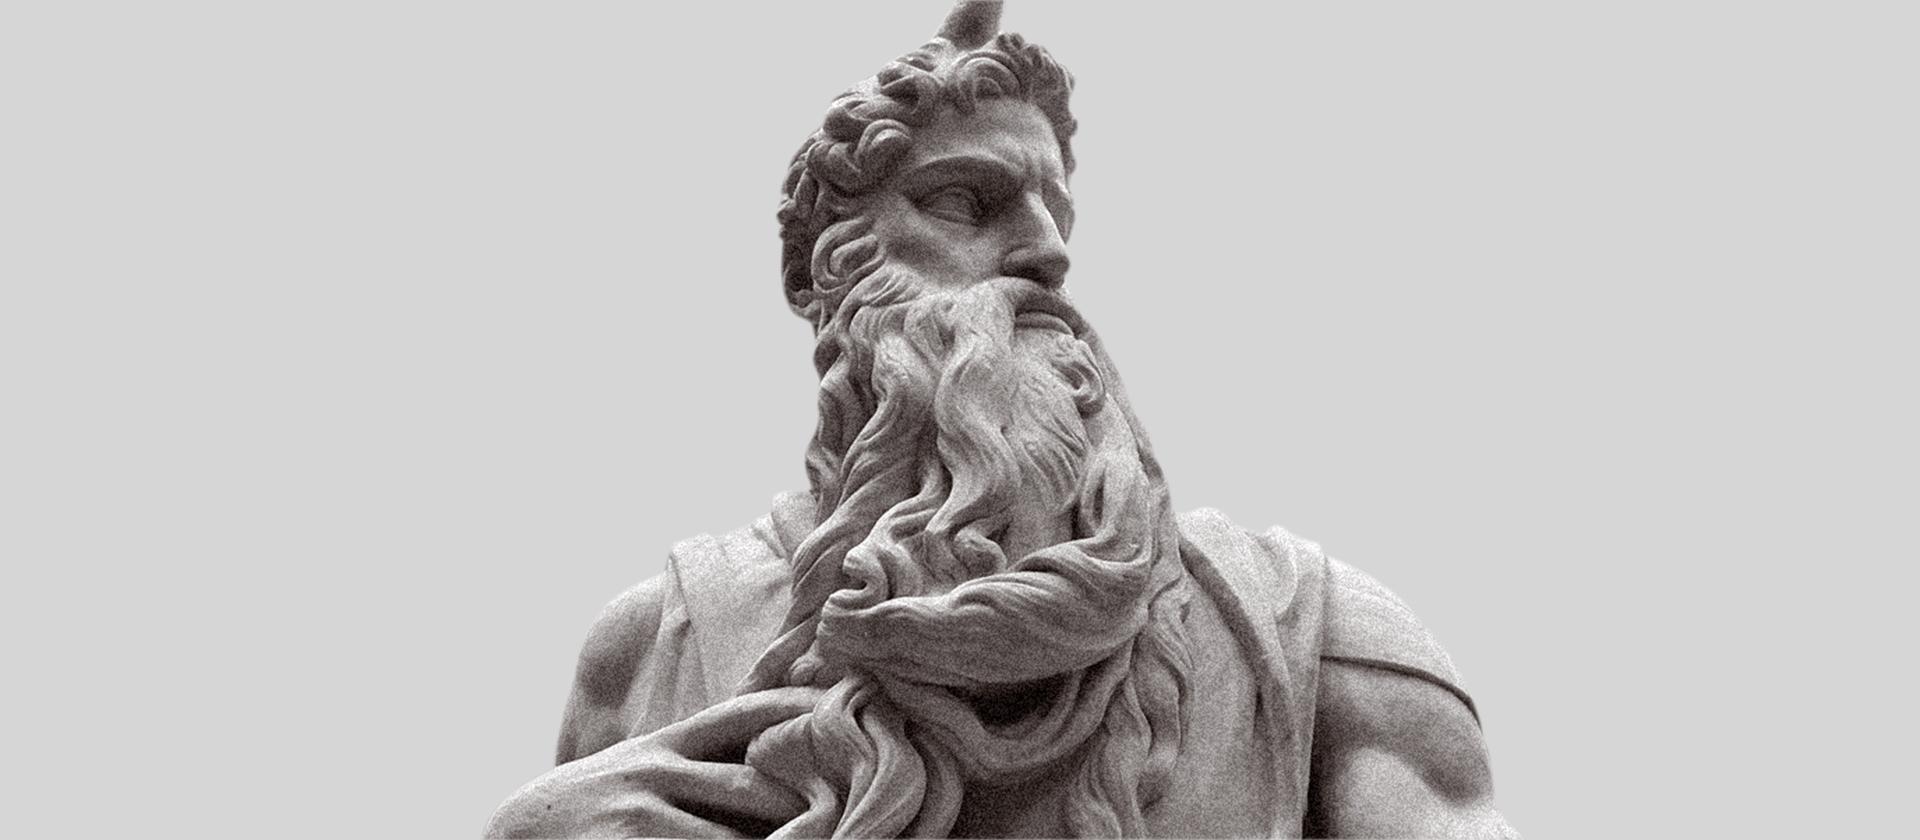 Moïse Statue de Parc Myers